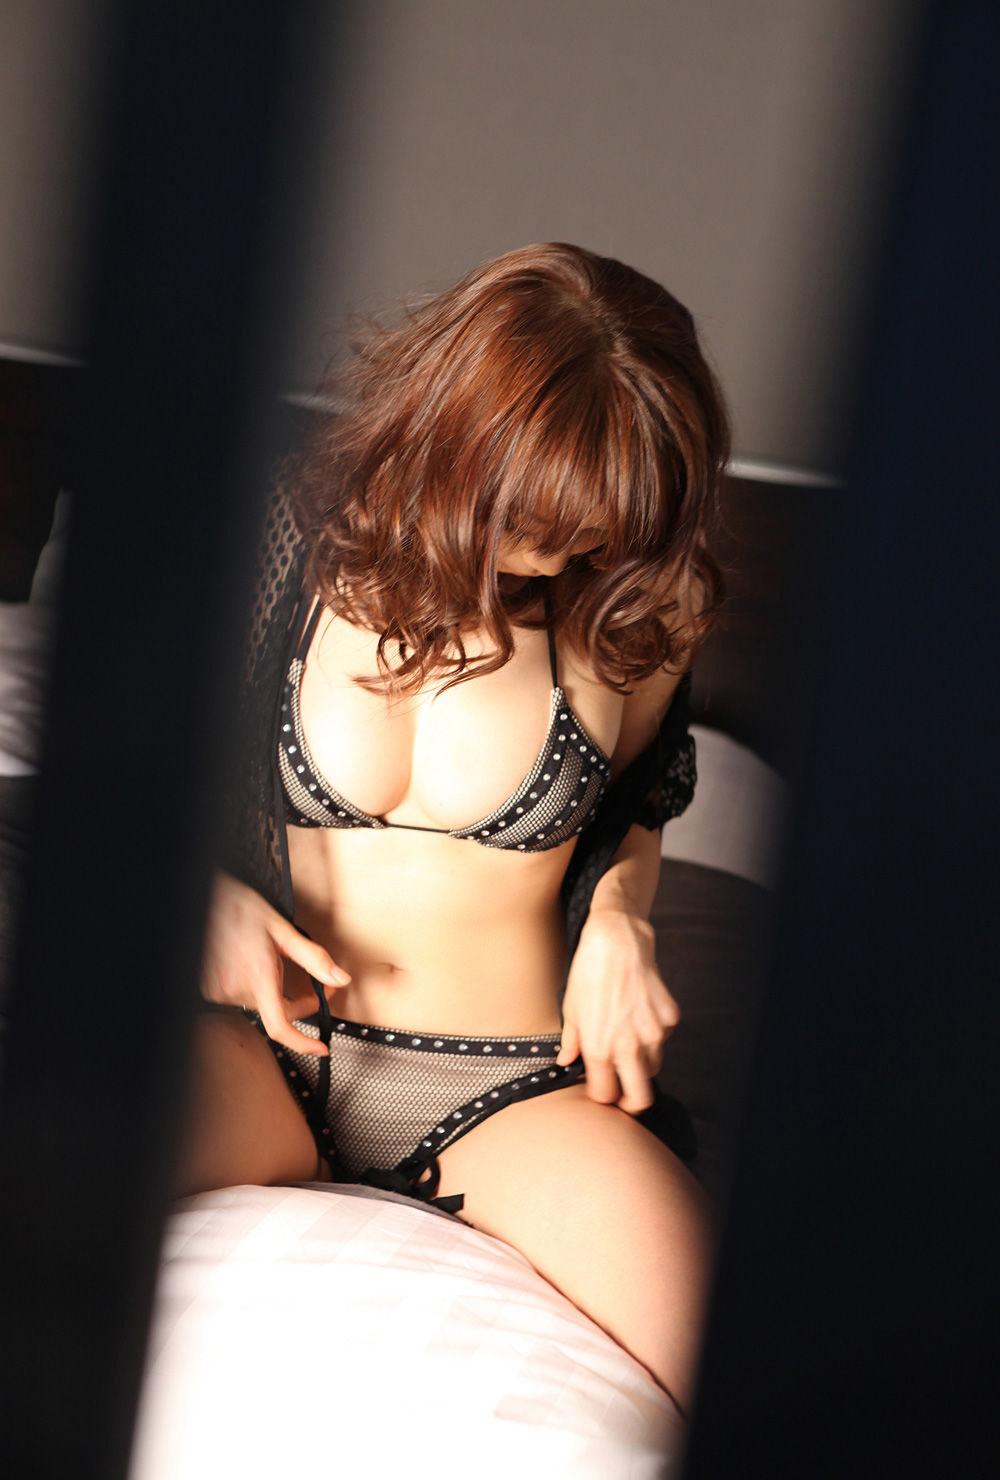 青島あきな 画像 23